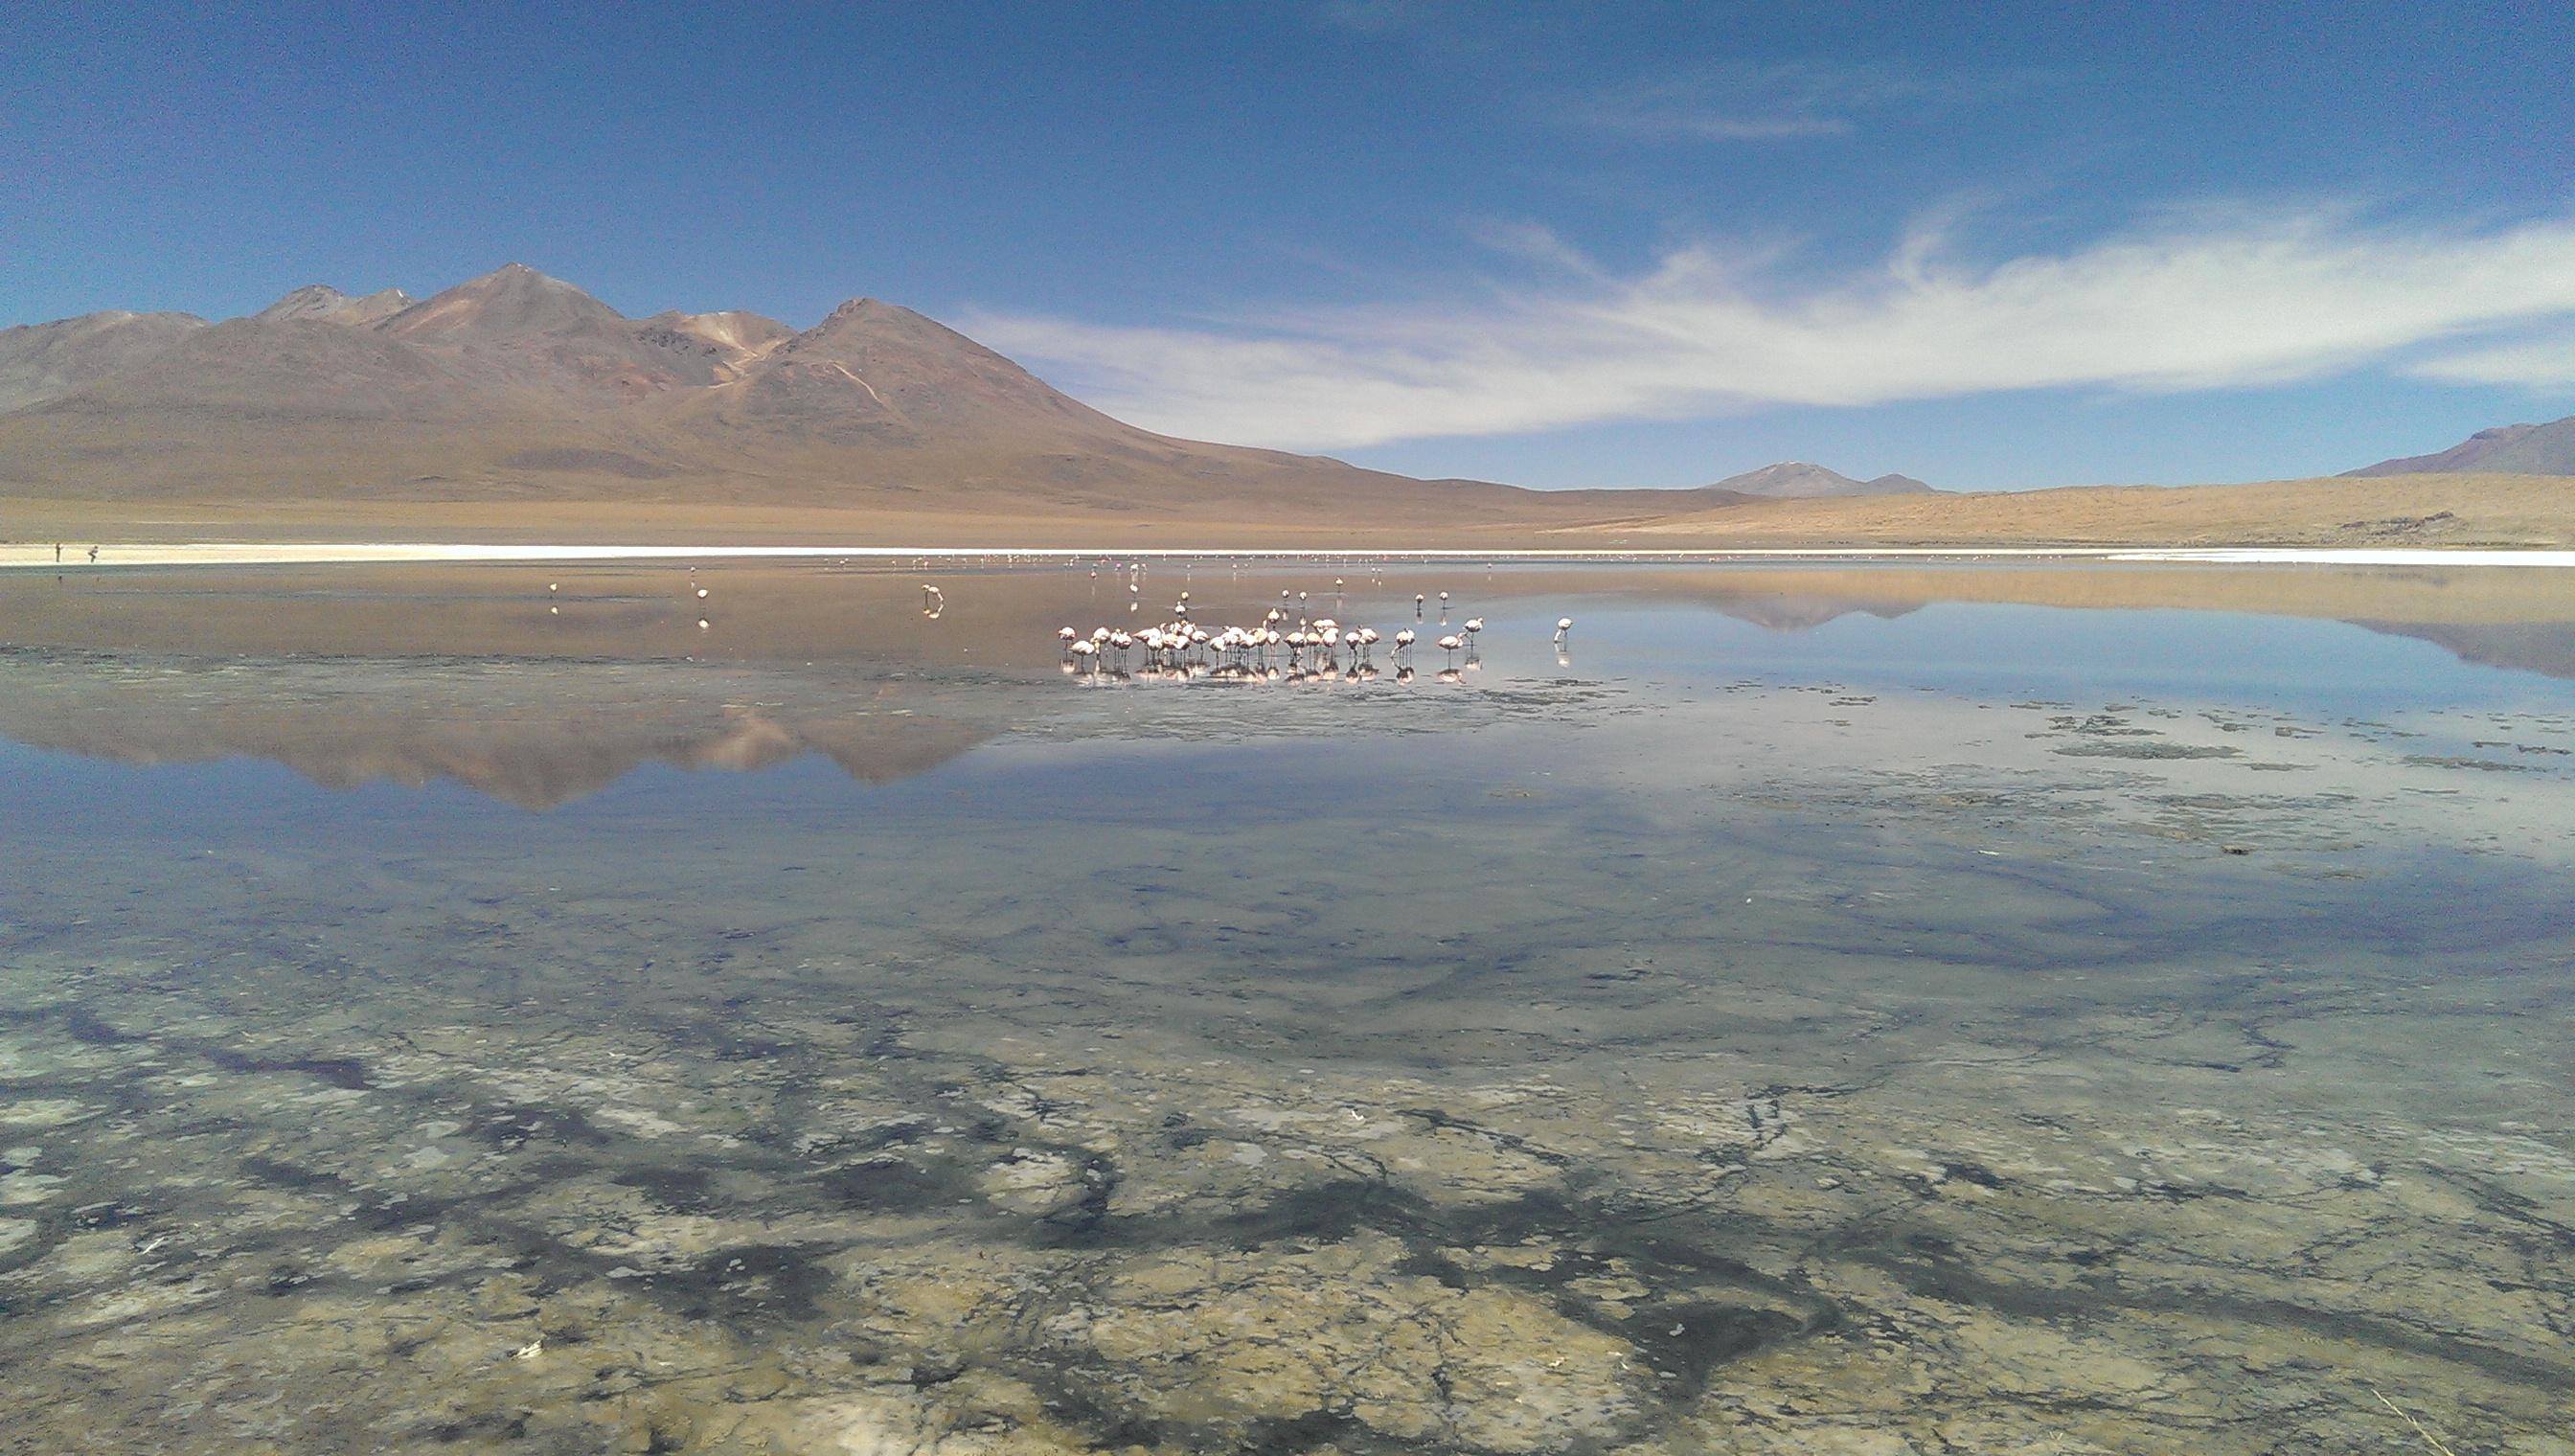 An den Bildern ist nix bearbeitet - das sah wirklich so aus. Und das romantische, grau-grüne Zeug da am See ist Flamingo-Scheiße.